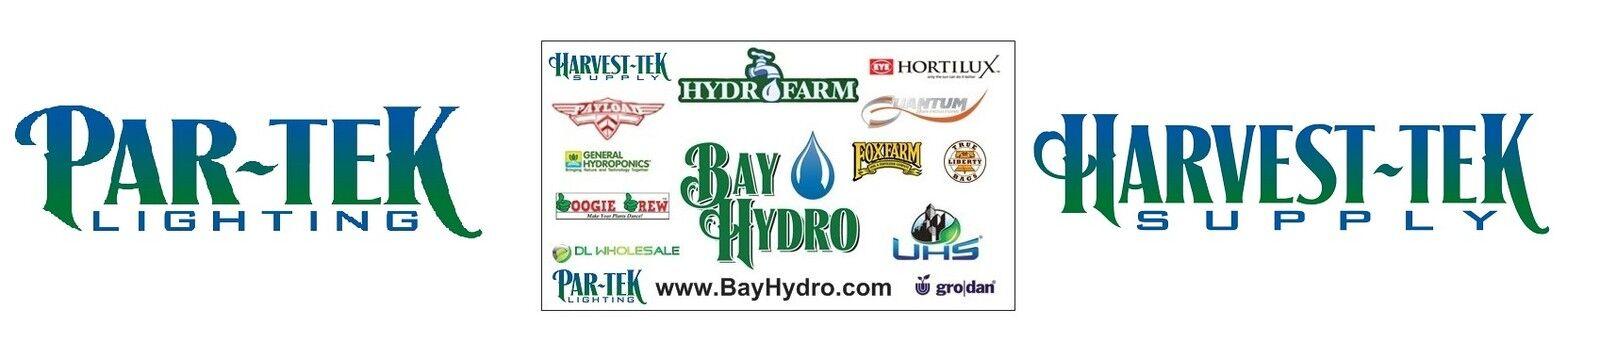 BAY HYDRO LLC